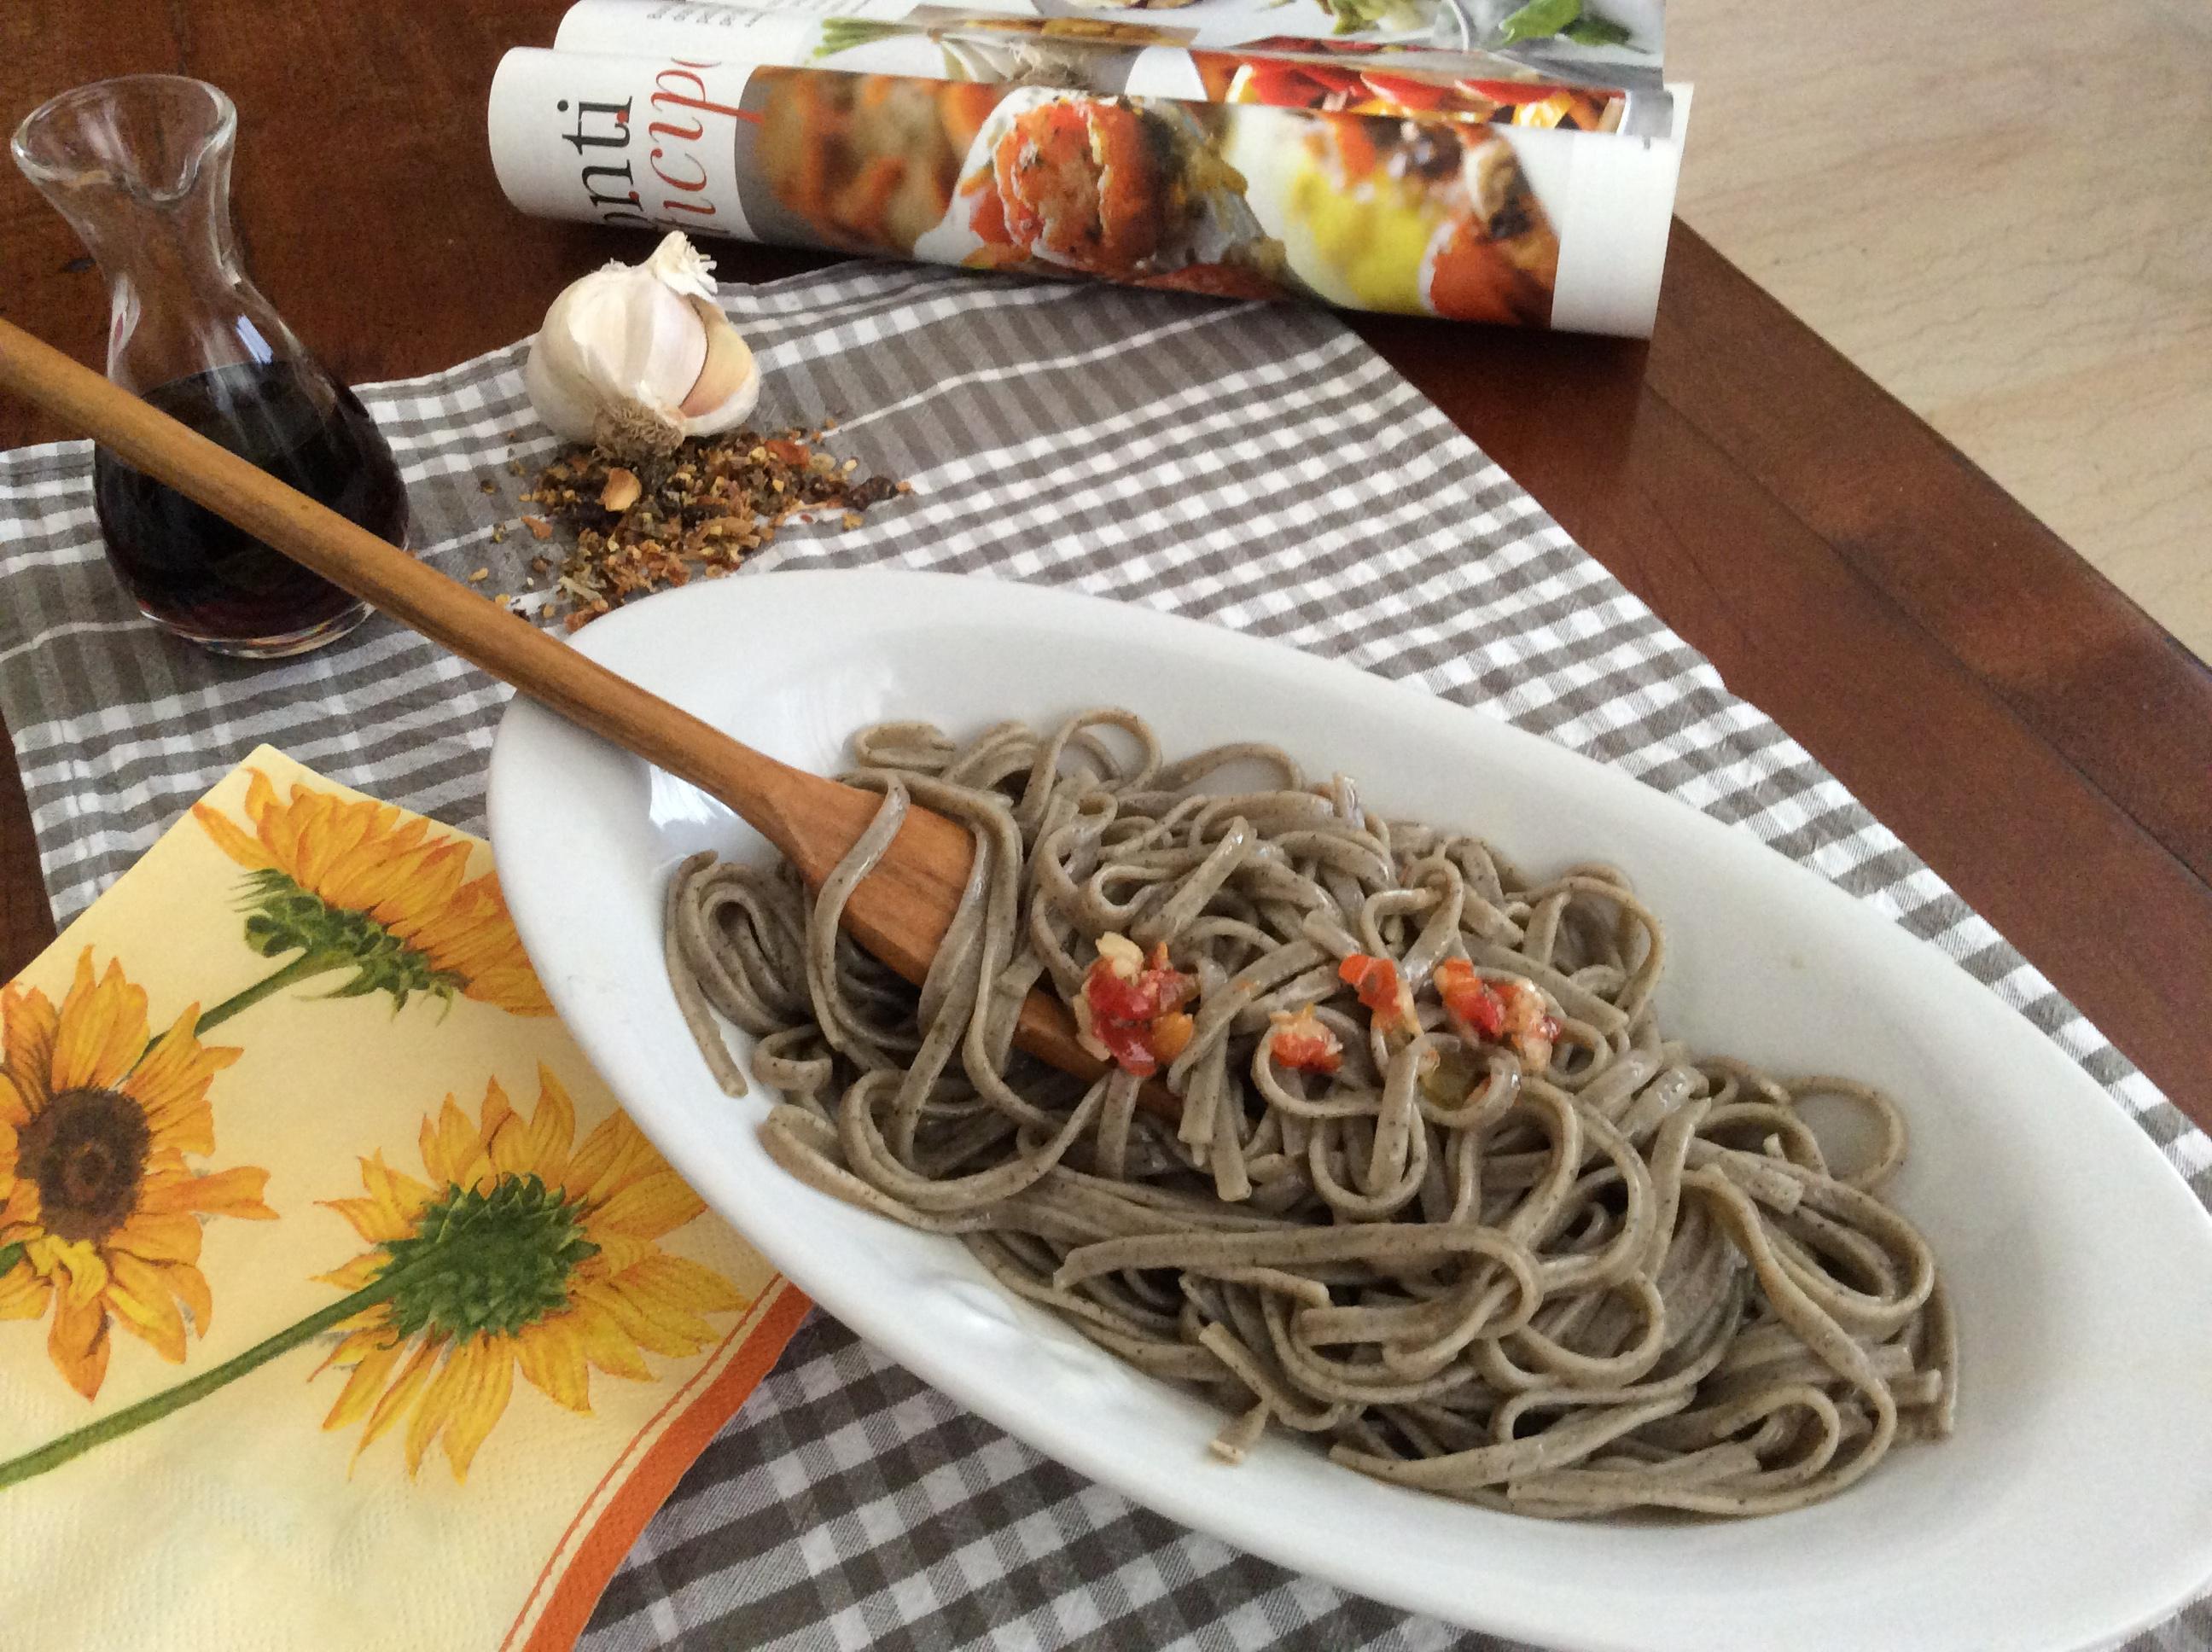 Spaghetti di canapa aglio, olio e peperoncino